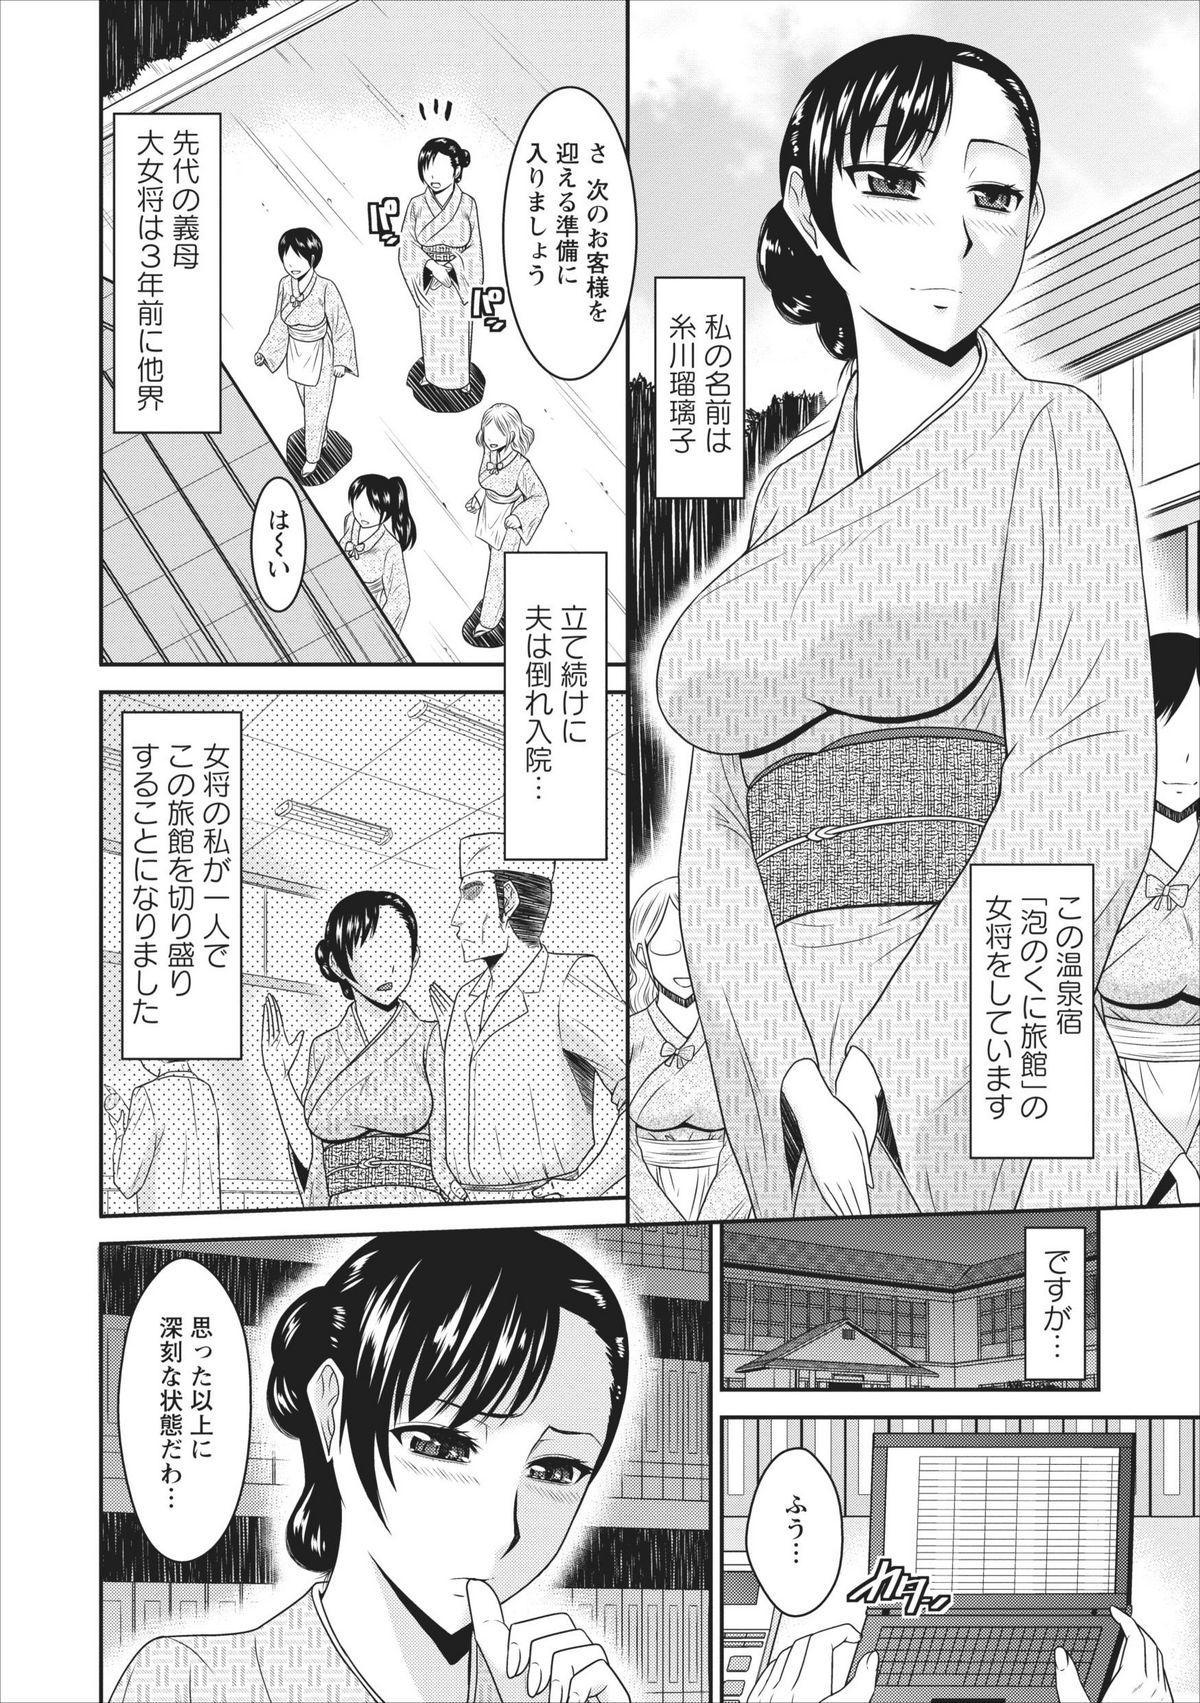 Inbi na Yukemuri - Awa no Kuni Ryokan ch.1 5